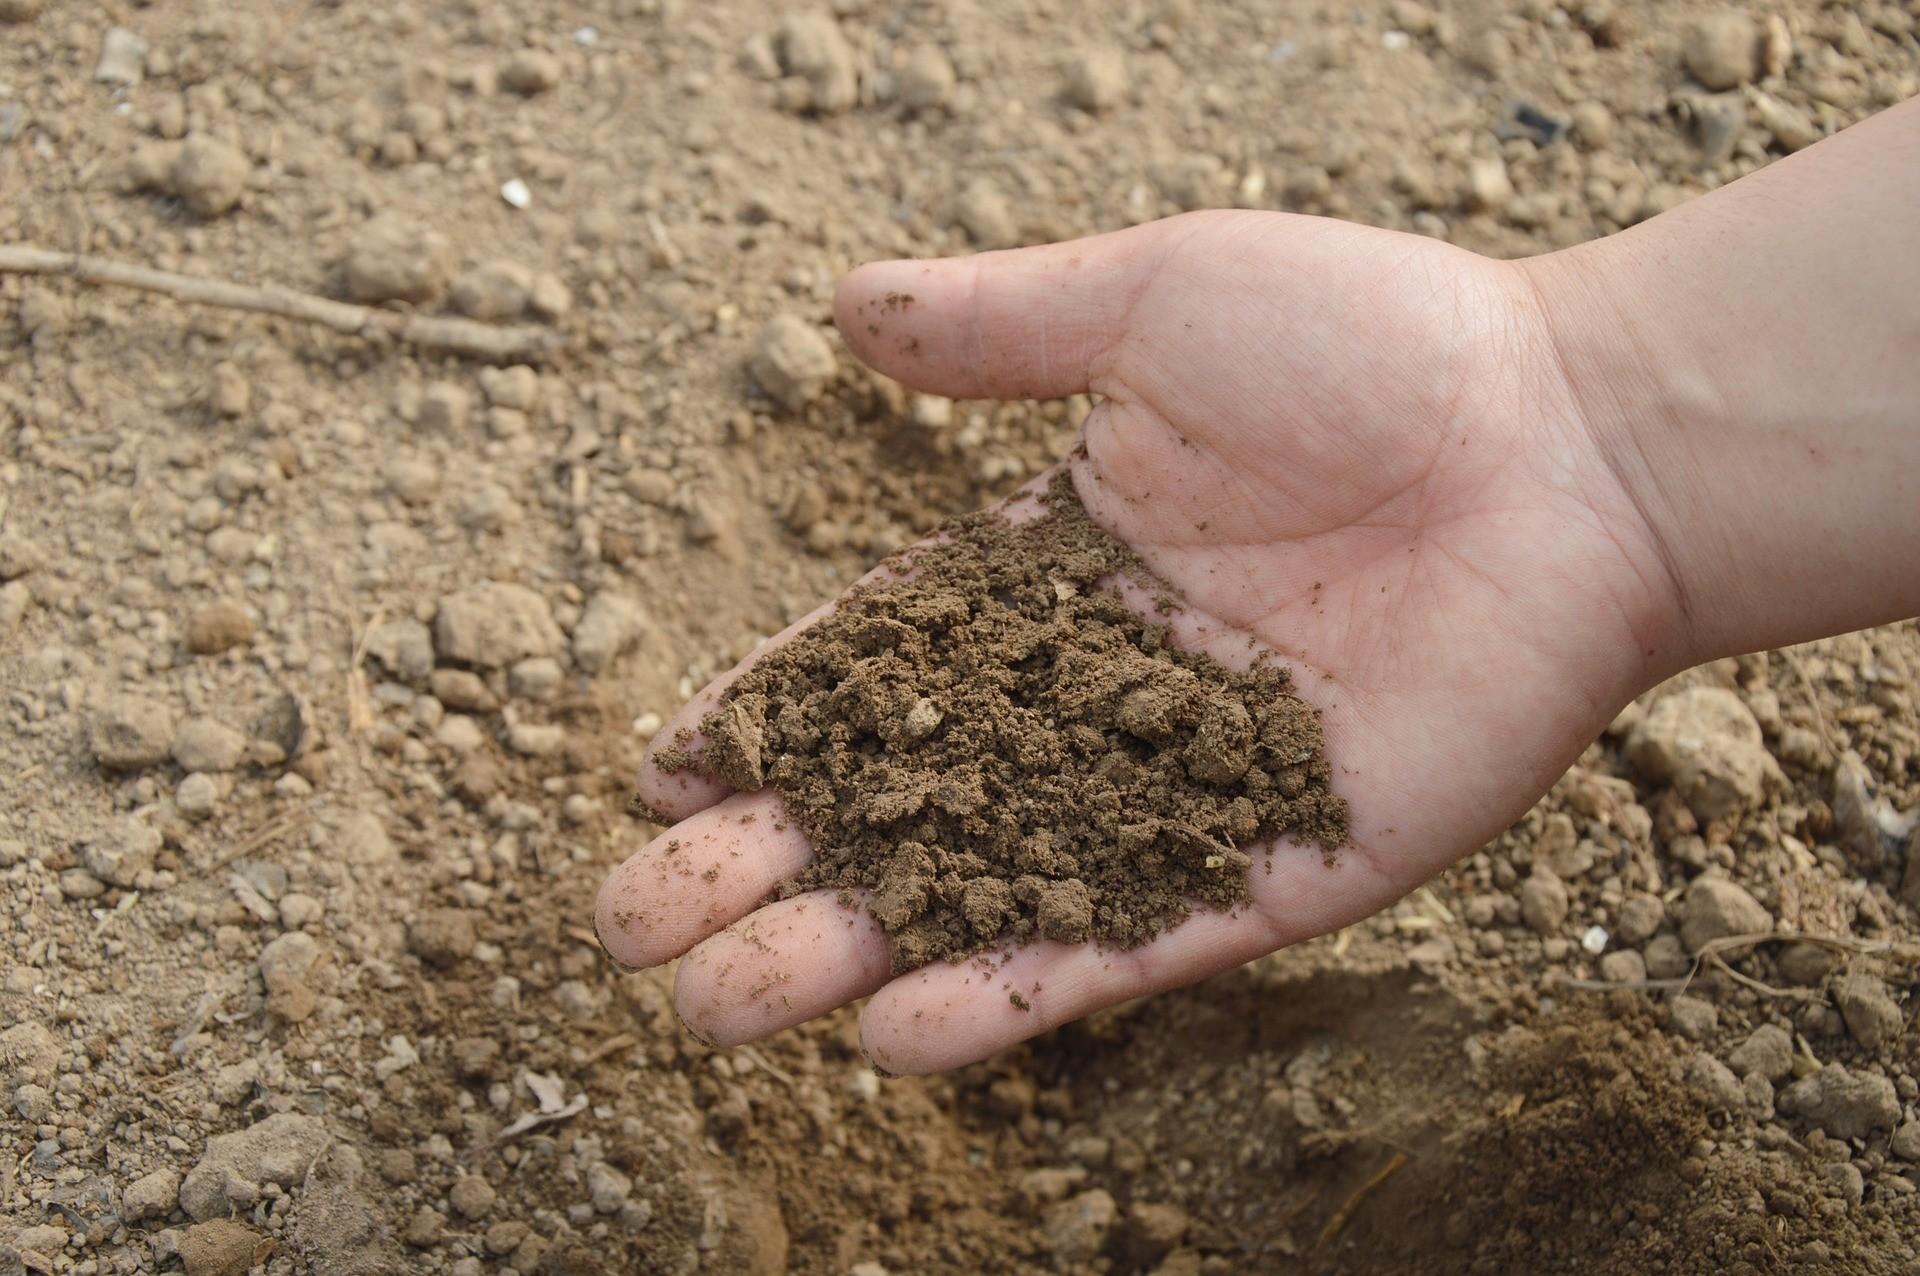 ▲土,土壤,吃土。(圖/取自免費圖庫Pixabay)